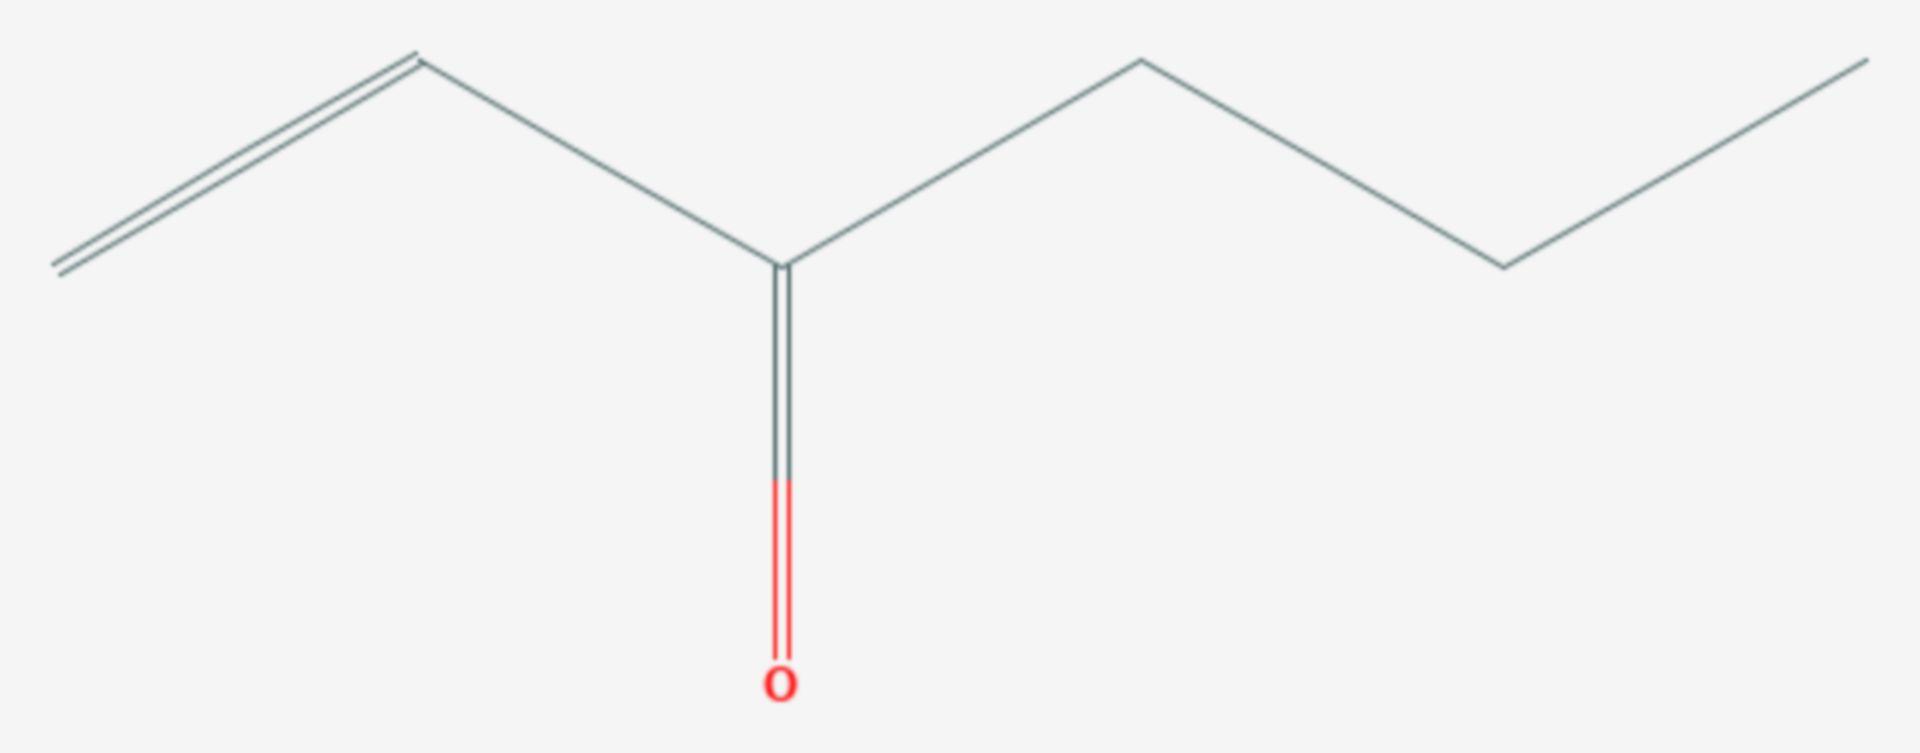 1-Hexen-3-on (Strukturformel)